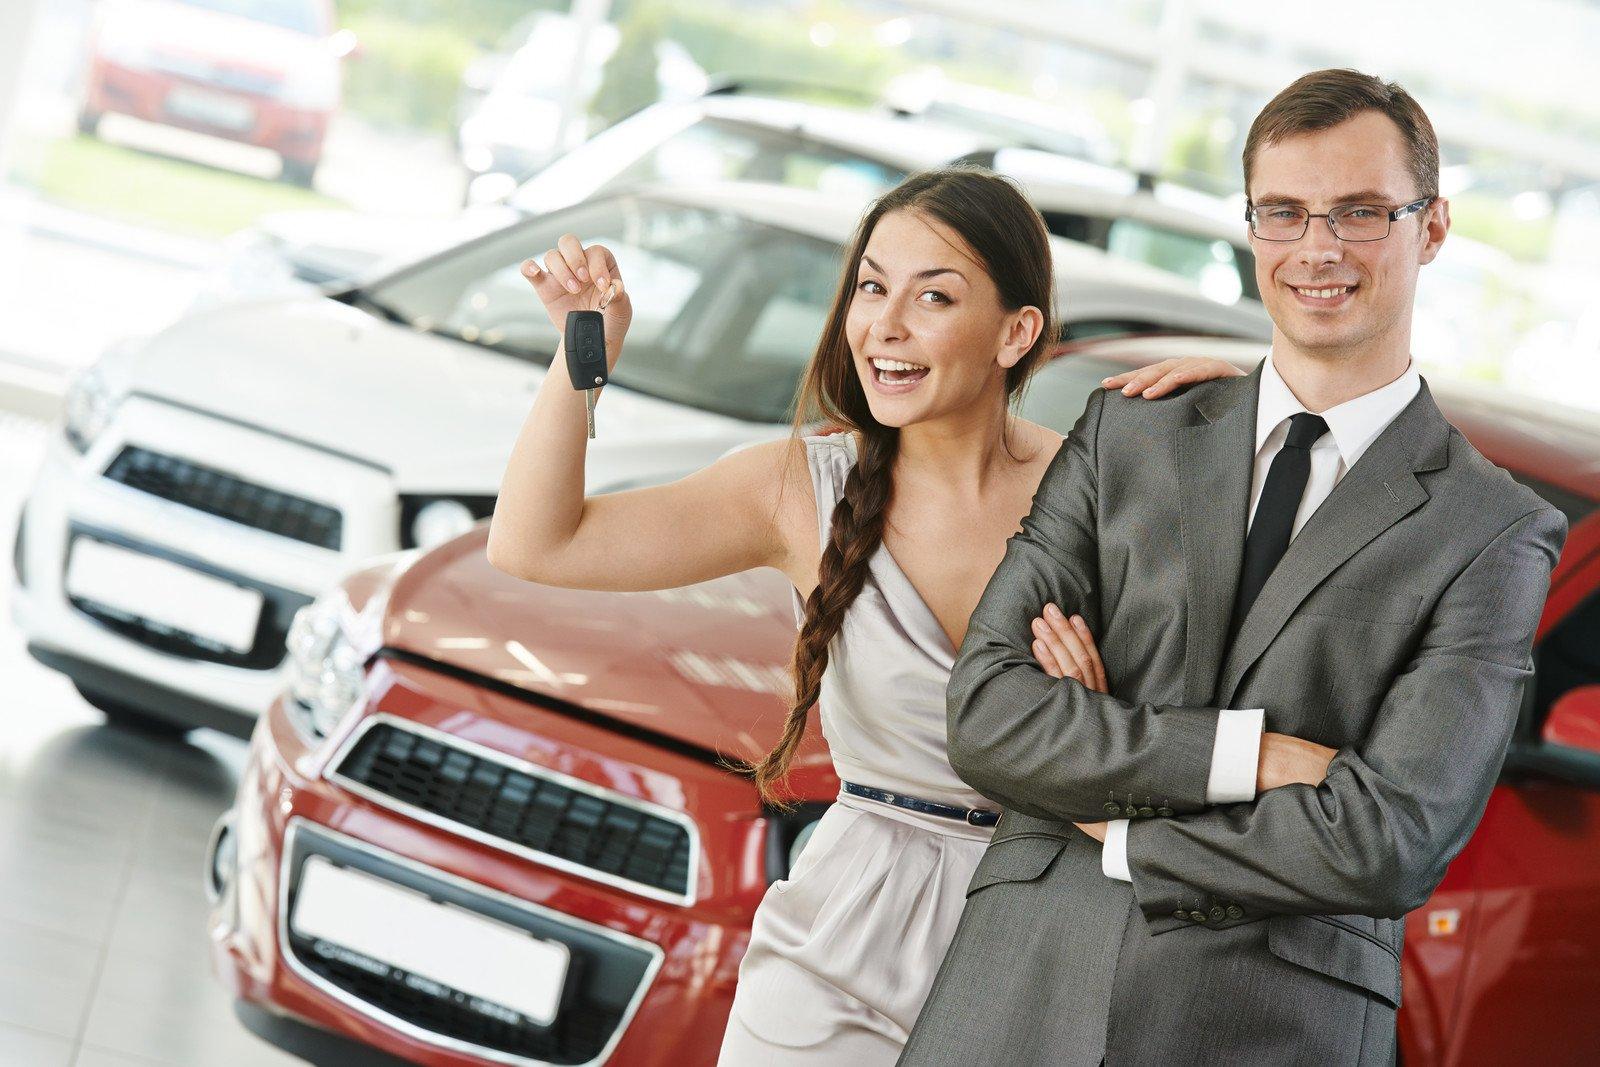 Отличные условия при покупке автомобиля в кредит, индивидуальный подход к каждому клиенту